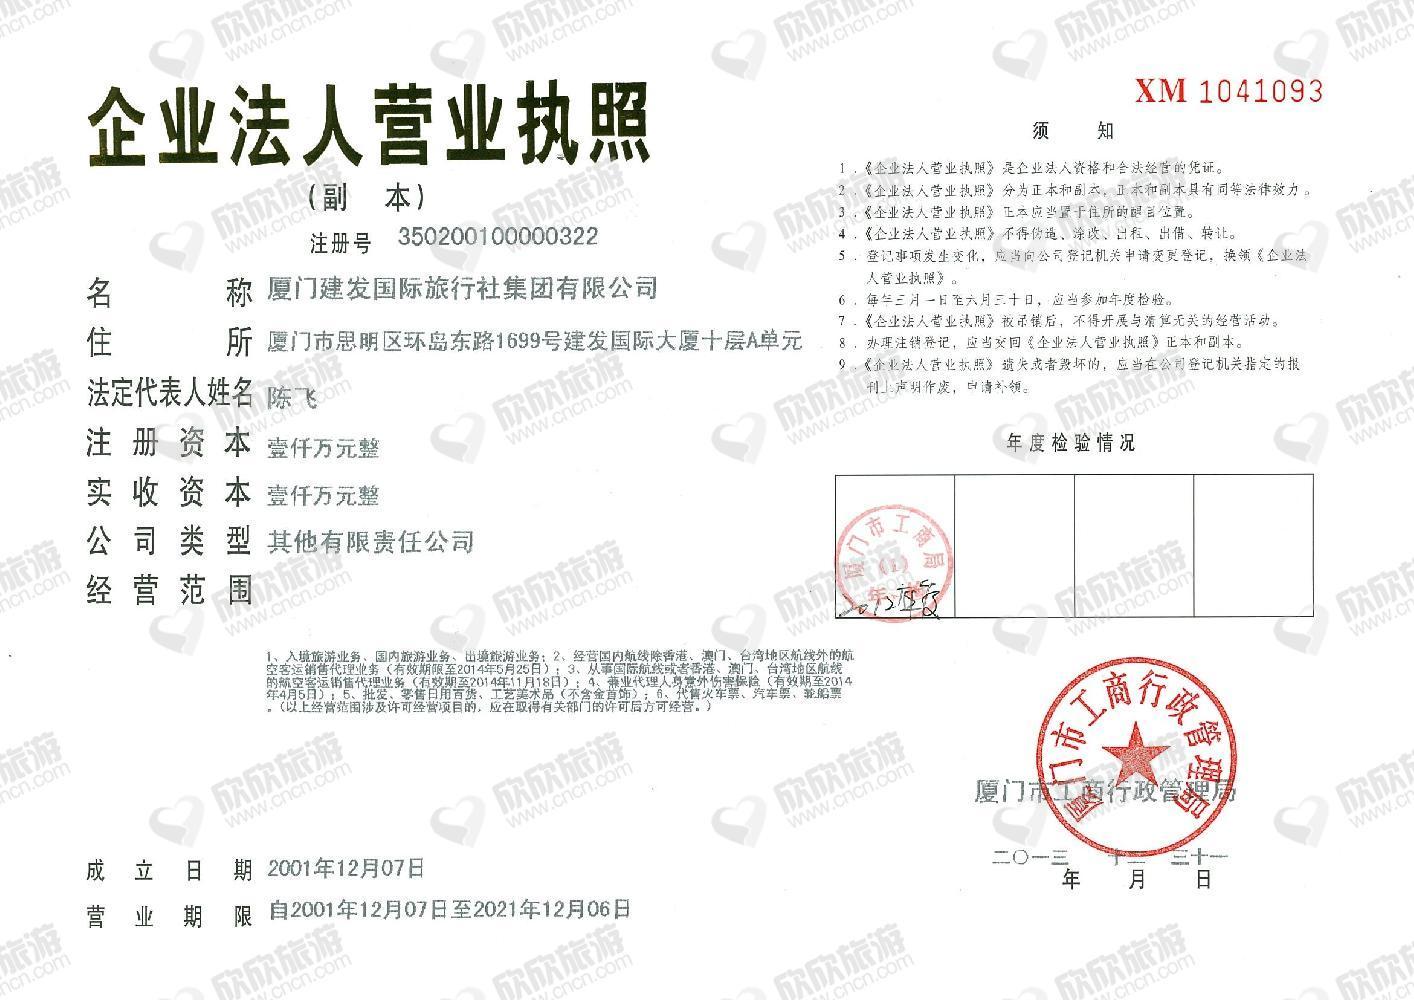 厦门建发国际旅行社有限公司营业执照